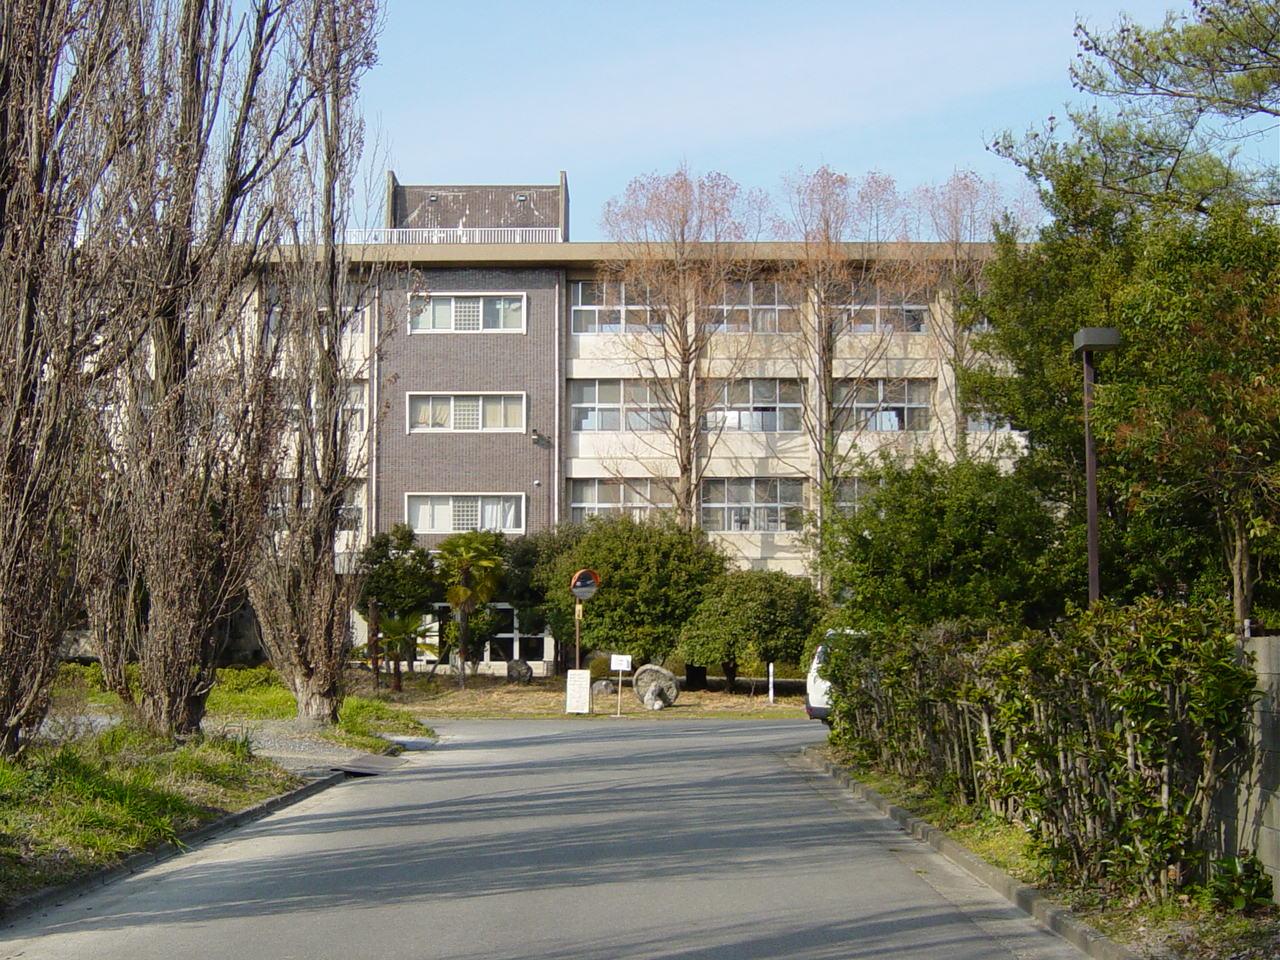 京都教育大学付属高校 の評判・口コミを紹介します!